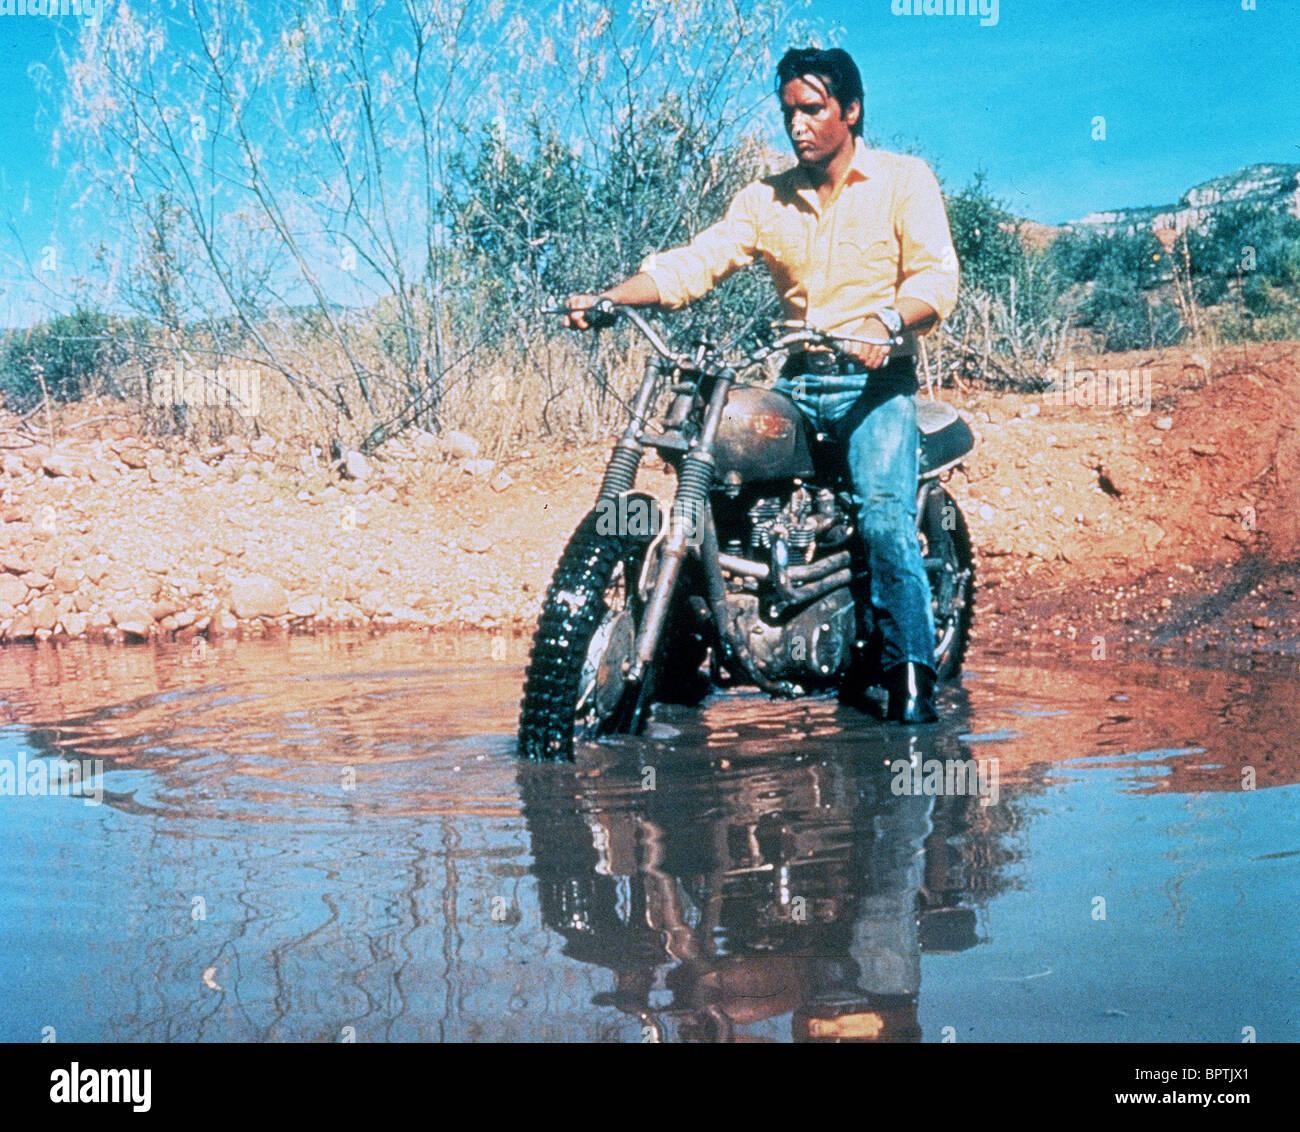 ELVIS PRESLEY ON MOTOR CYCLE SINGER (1965) - Stock Image